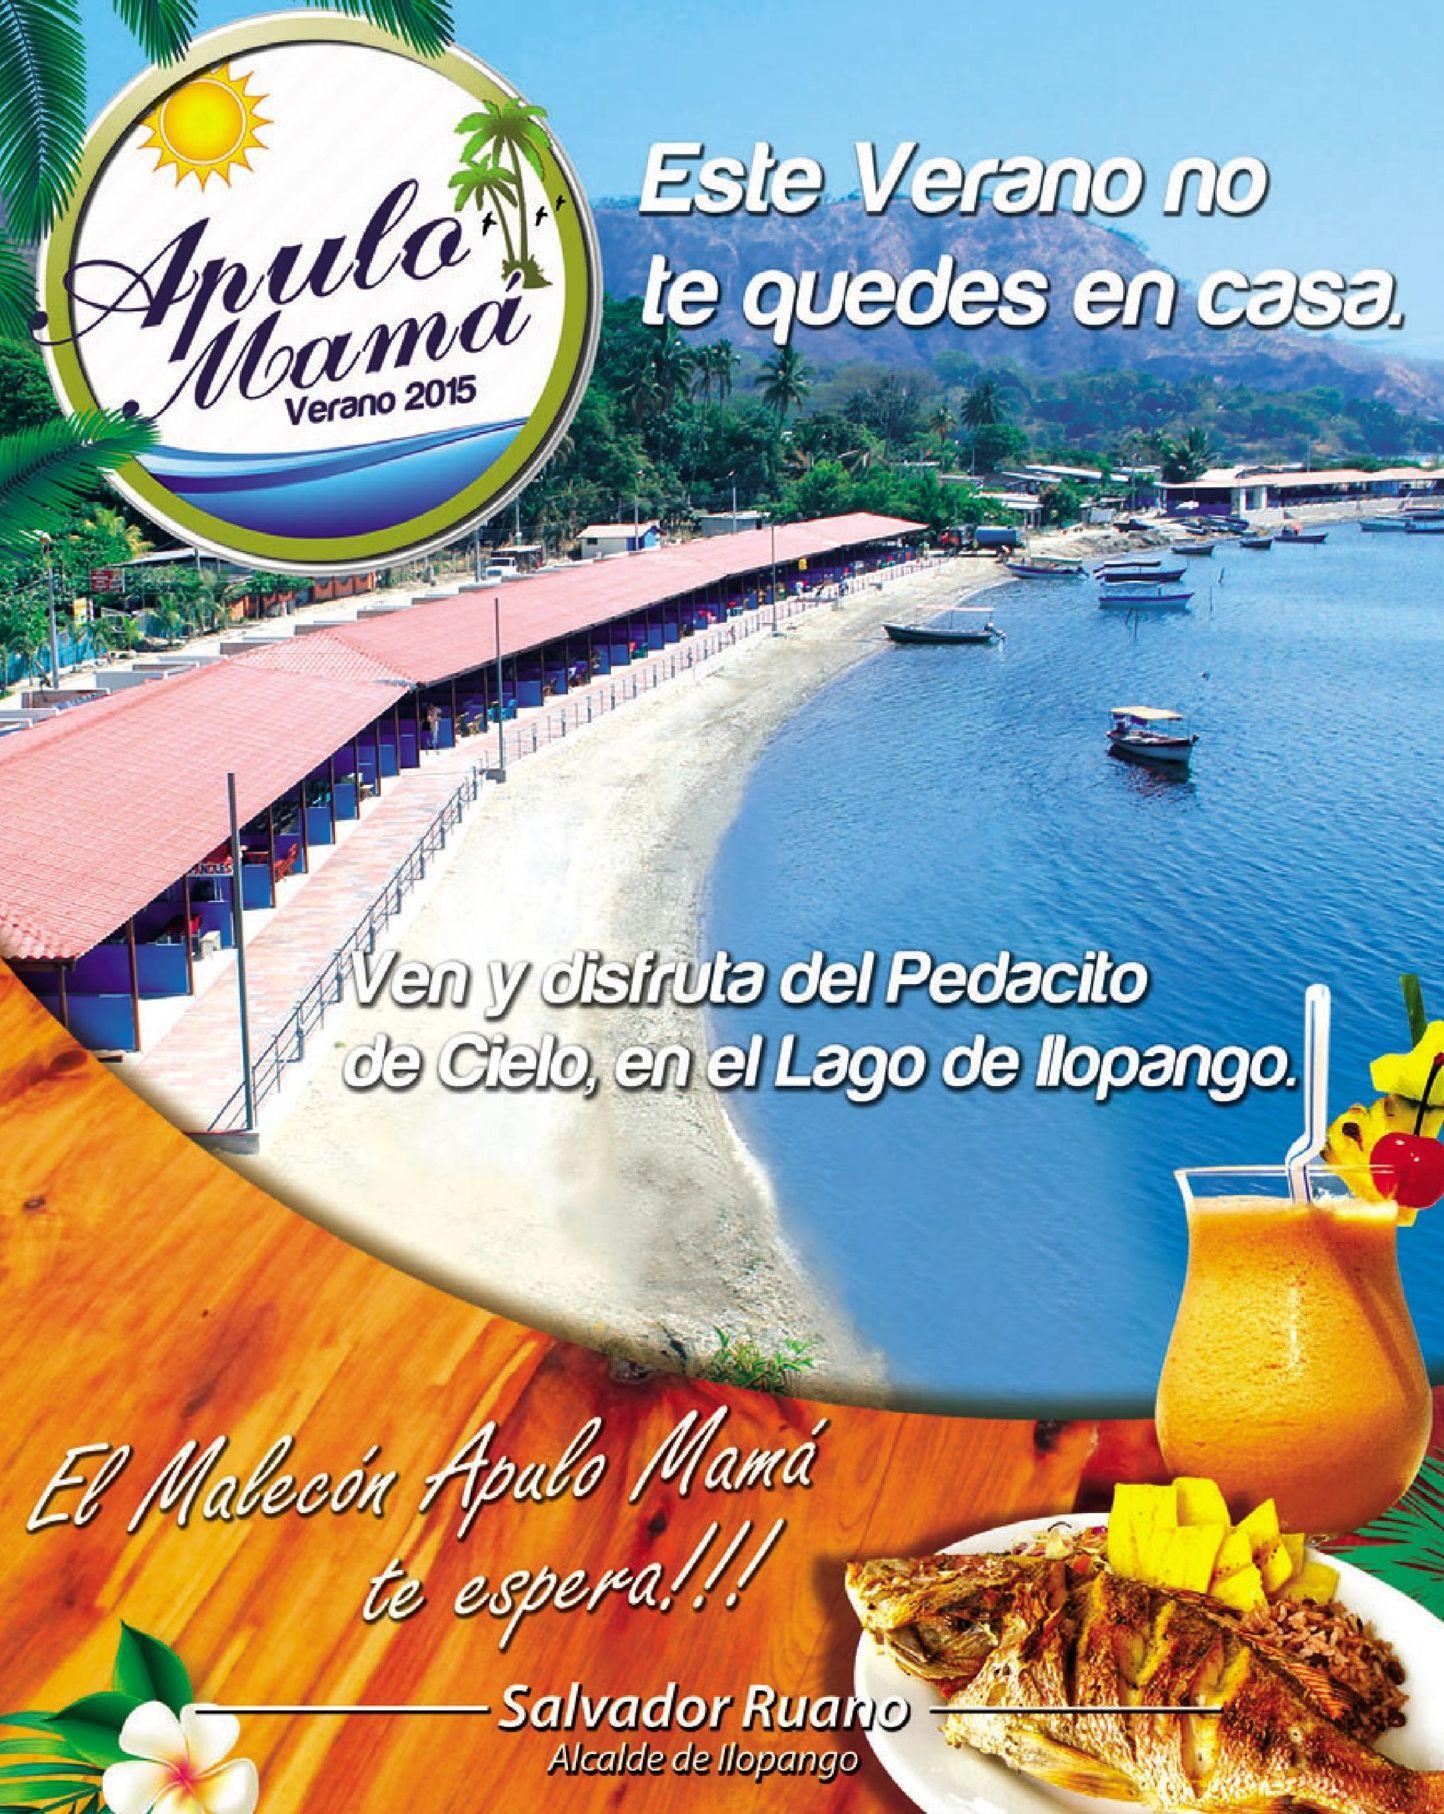 Malecon APULO lago de ilopango verano 2015